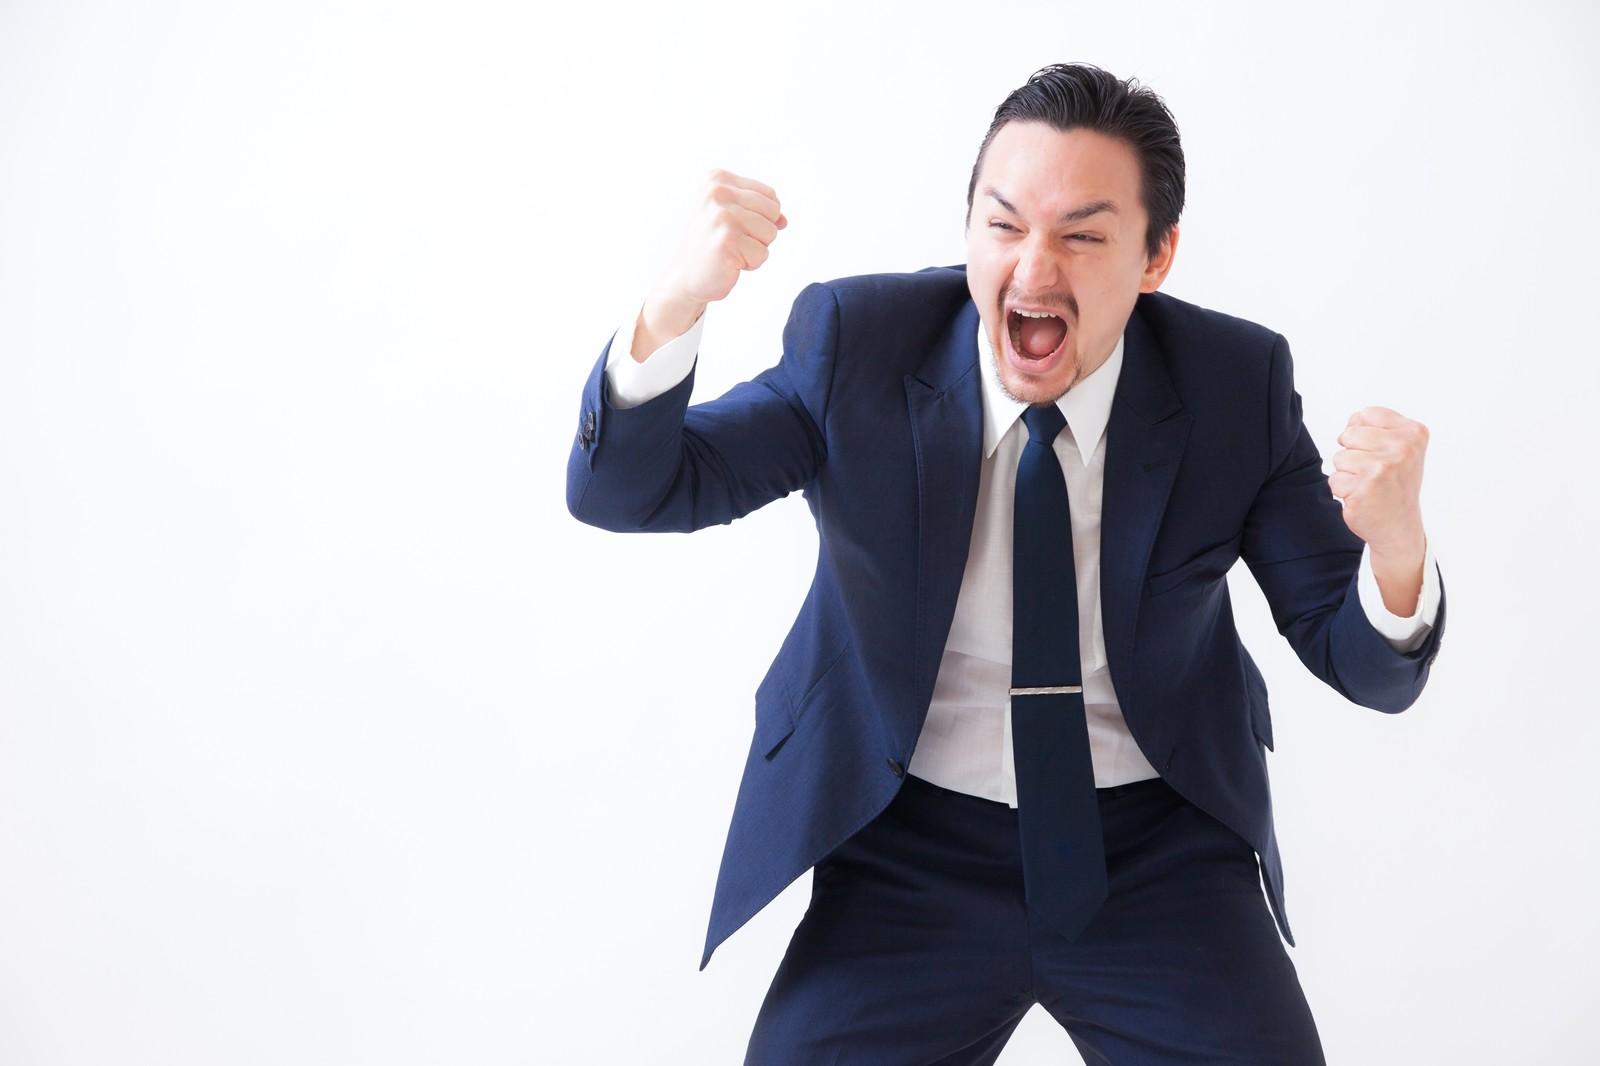 「おっさん 怒鳴る フリー素材」の画像検索結果